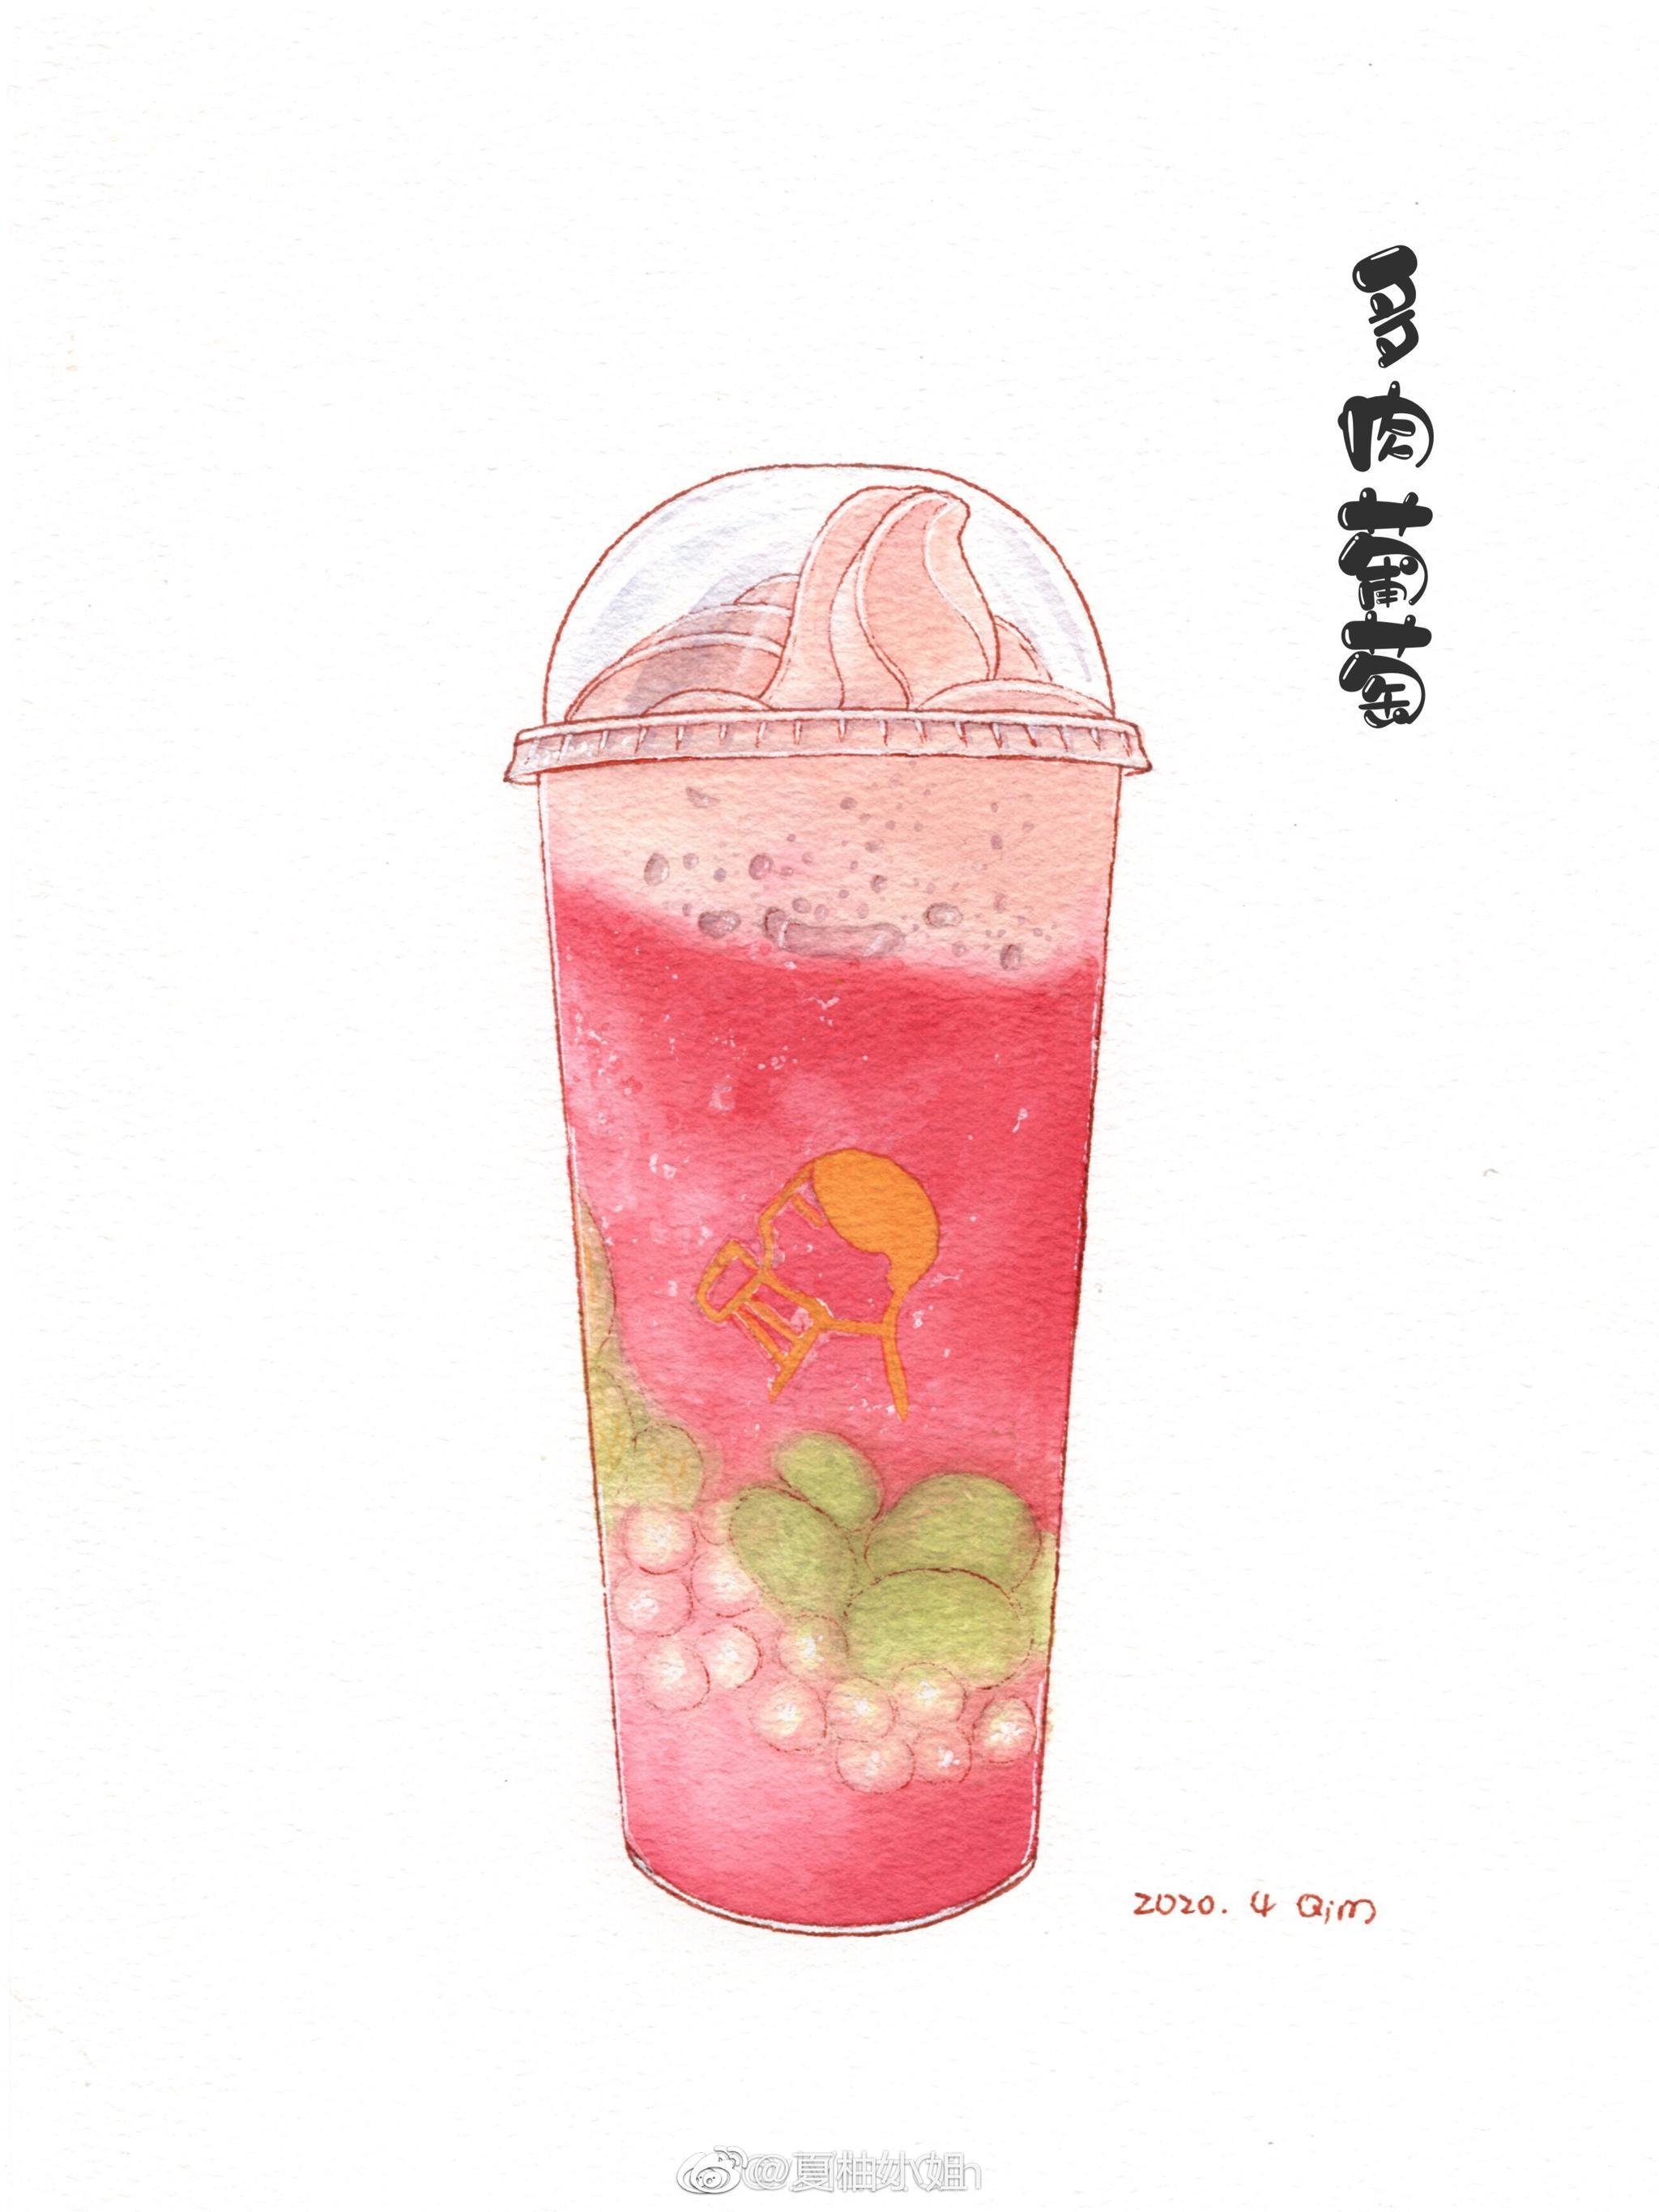 叮~您的喜茶外卖已送到请注意查收~@小仙女Qin